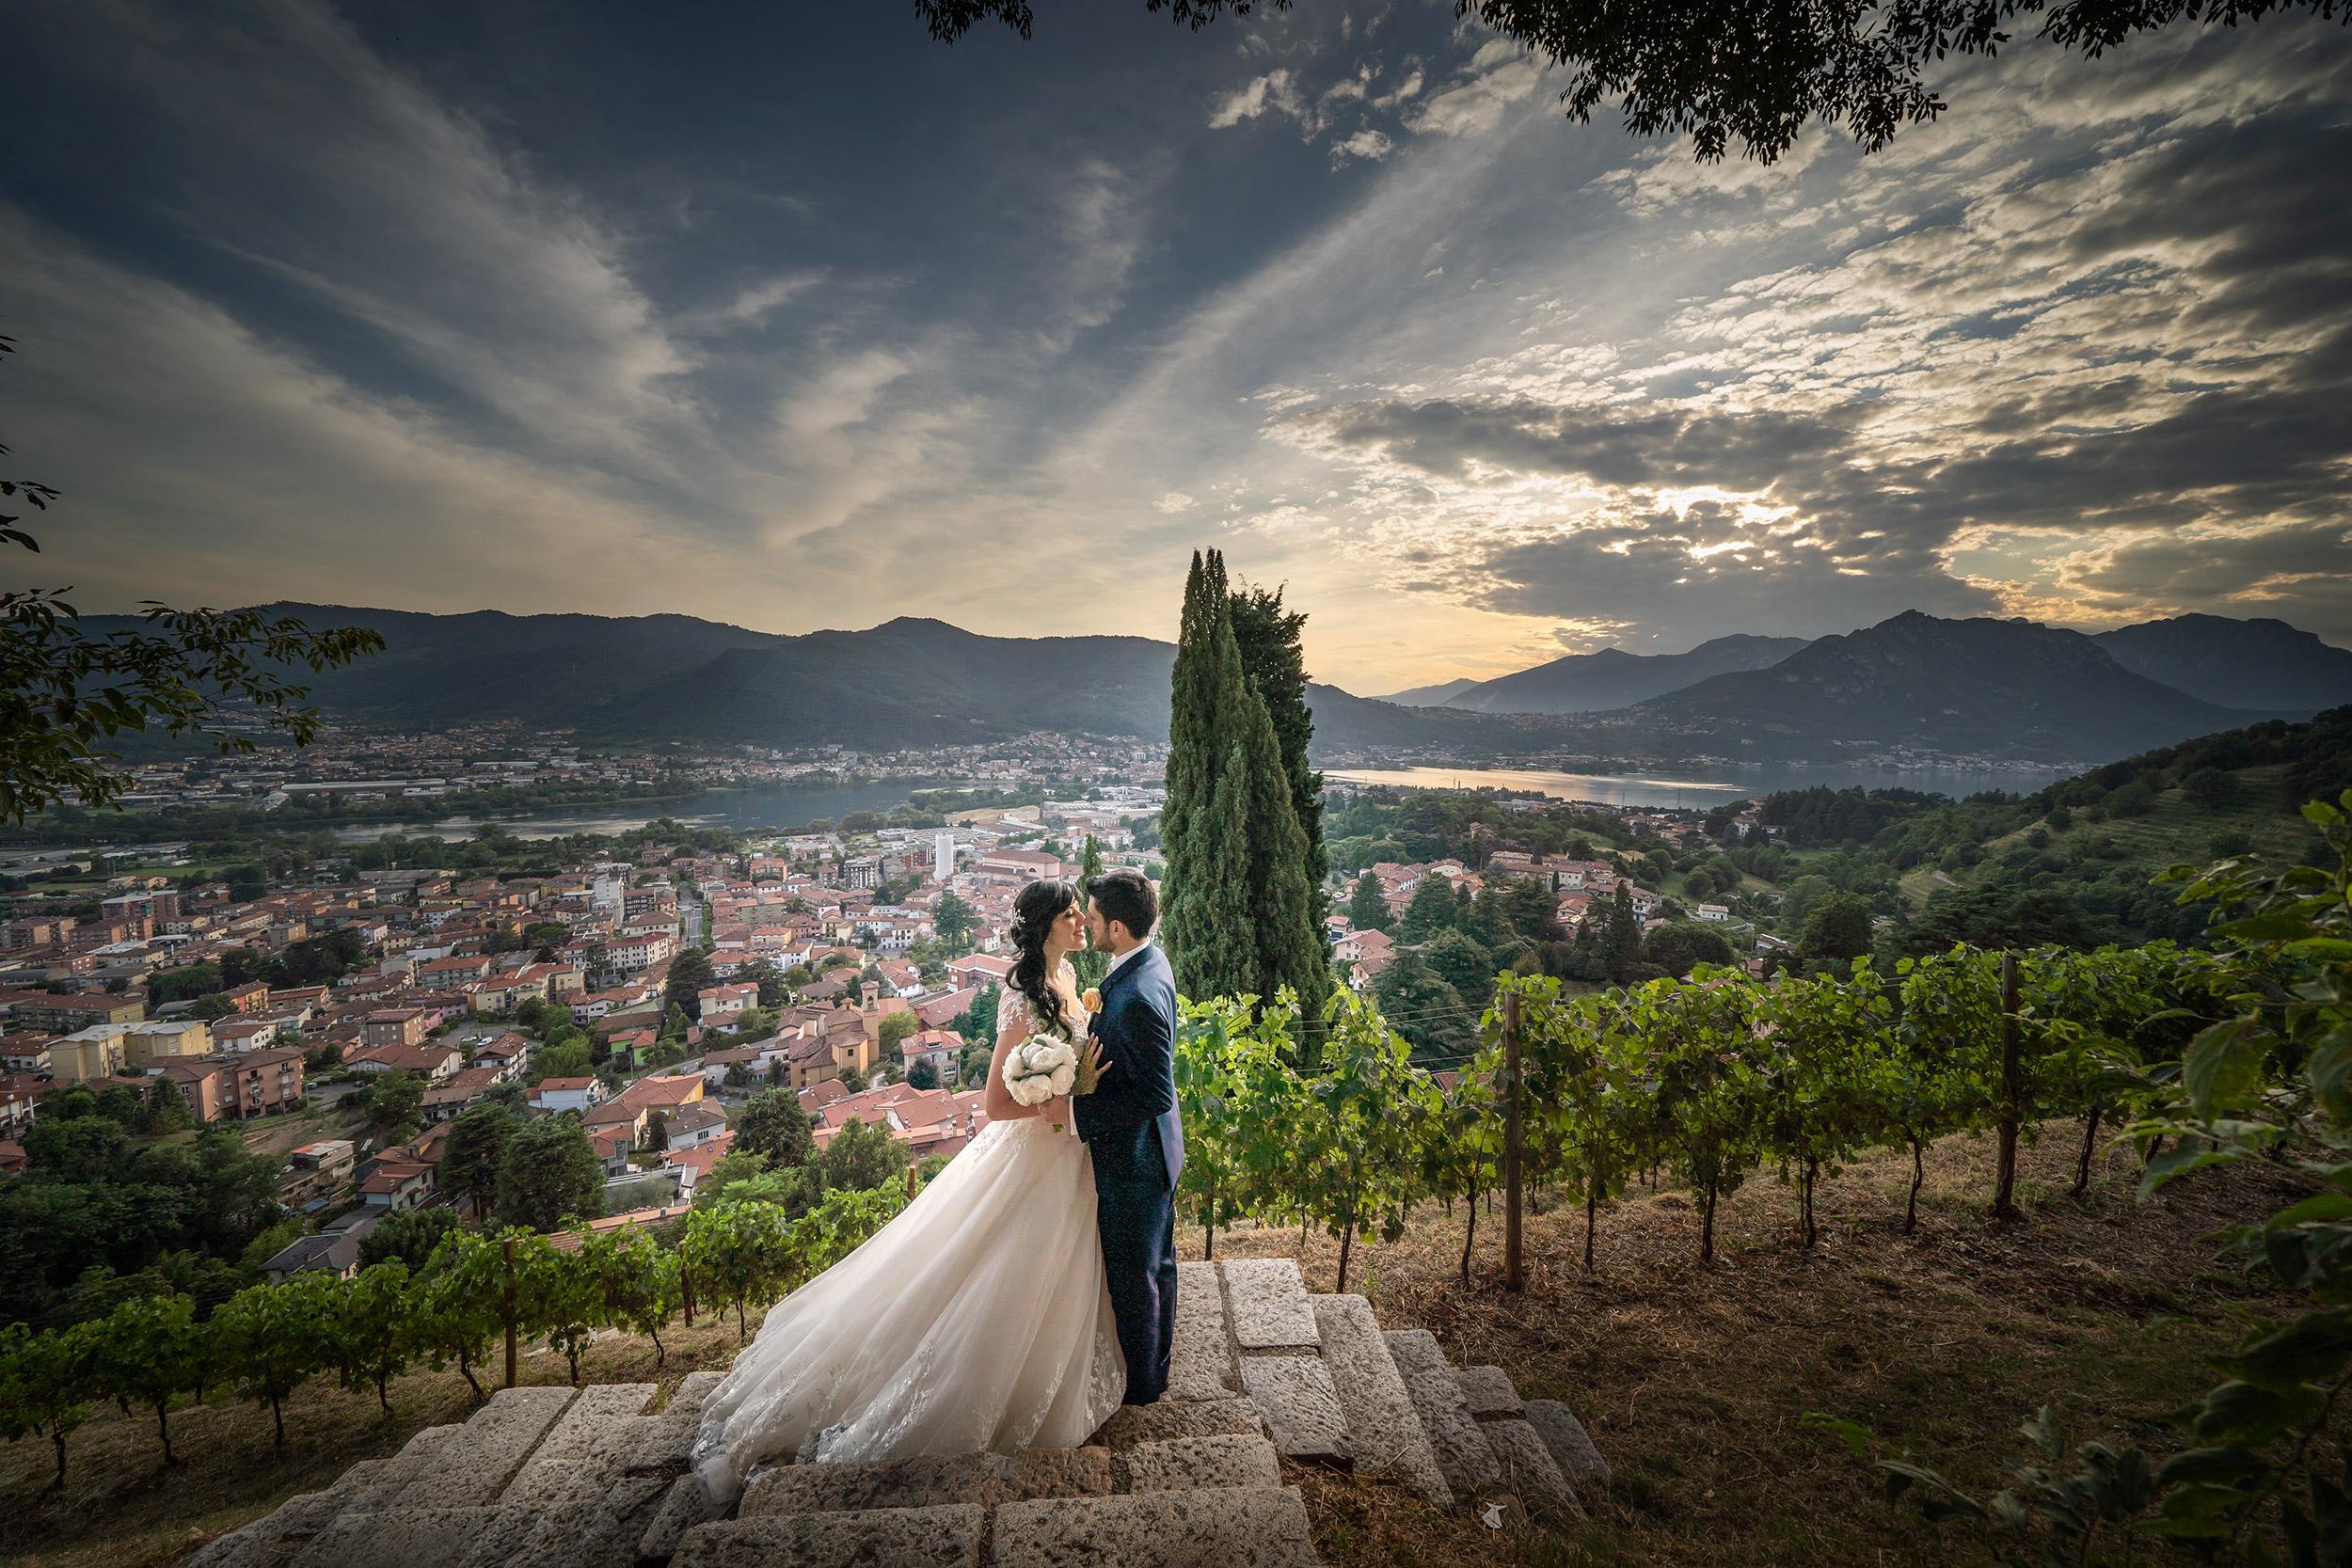 000 reportage wedding sposi foto matrimonio castello rossino lecco lago como 1